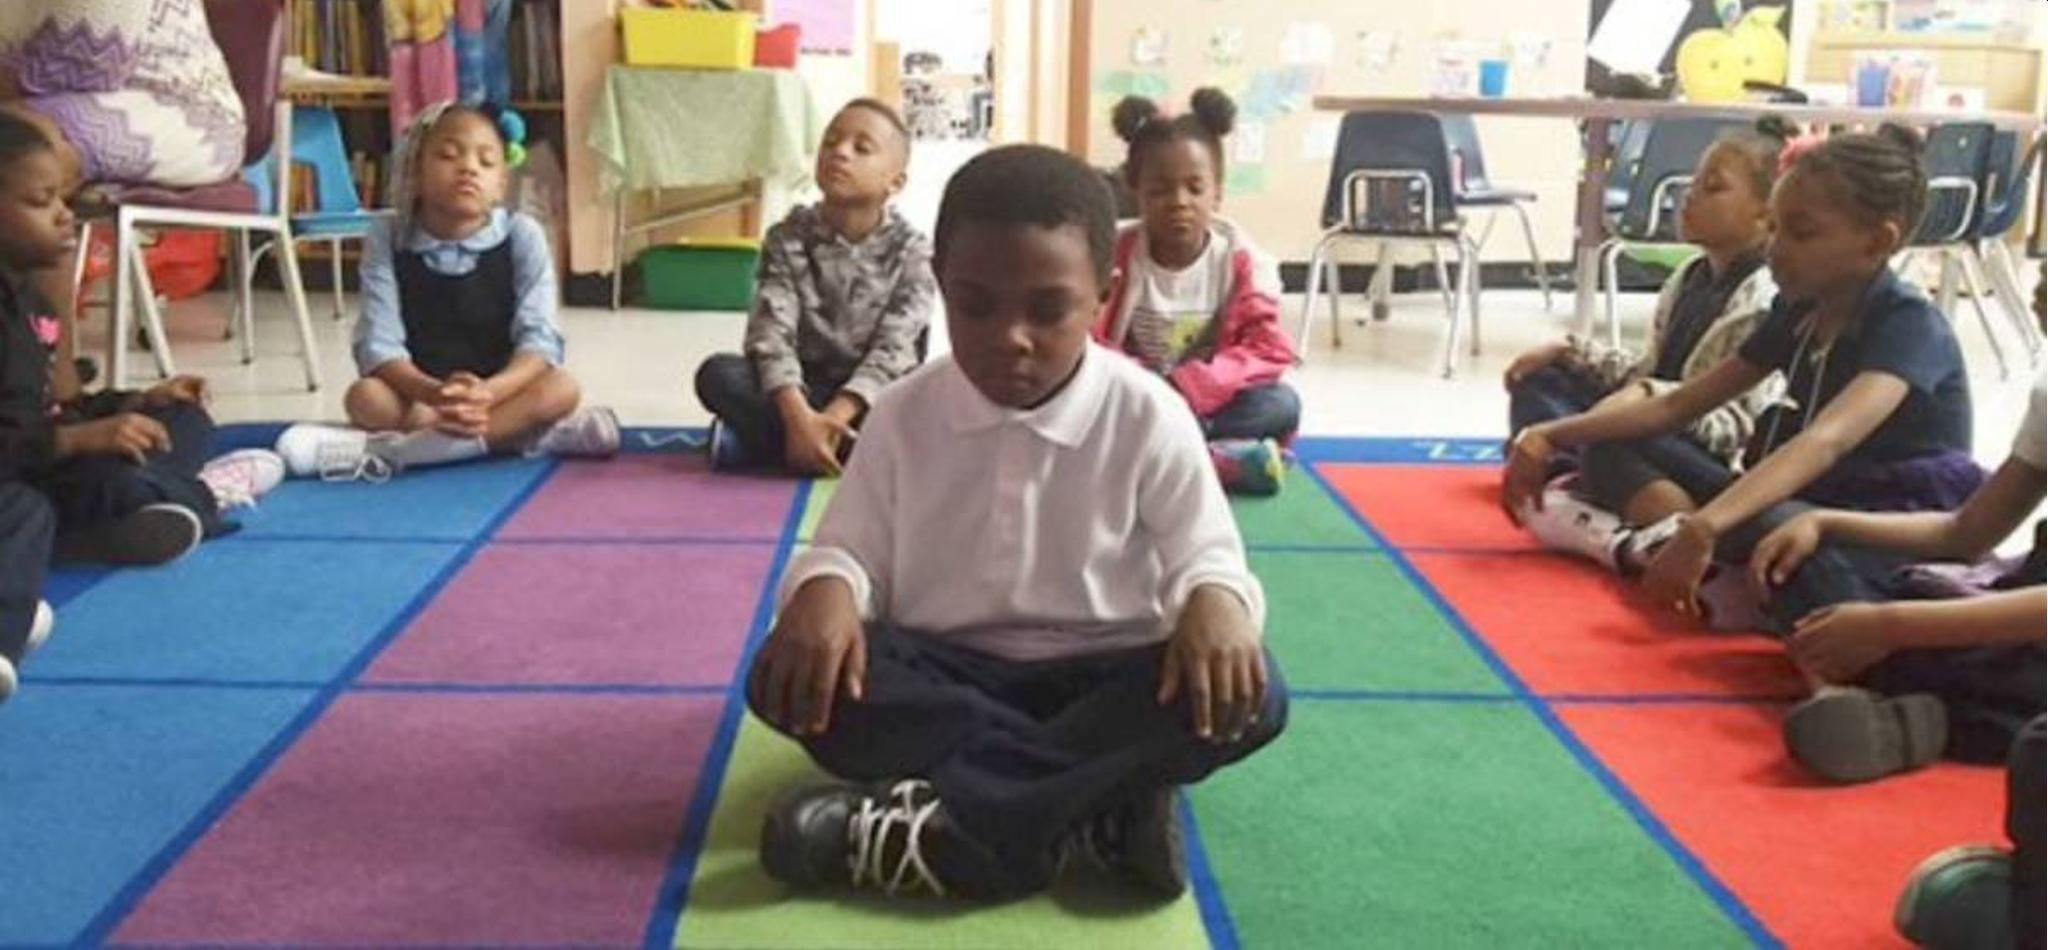 Meditação substitui punição em escola e o resultado é maravilhoso